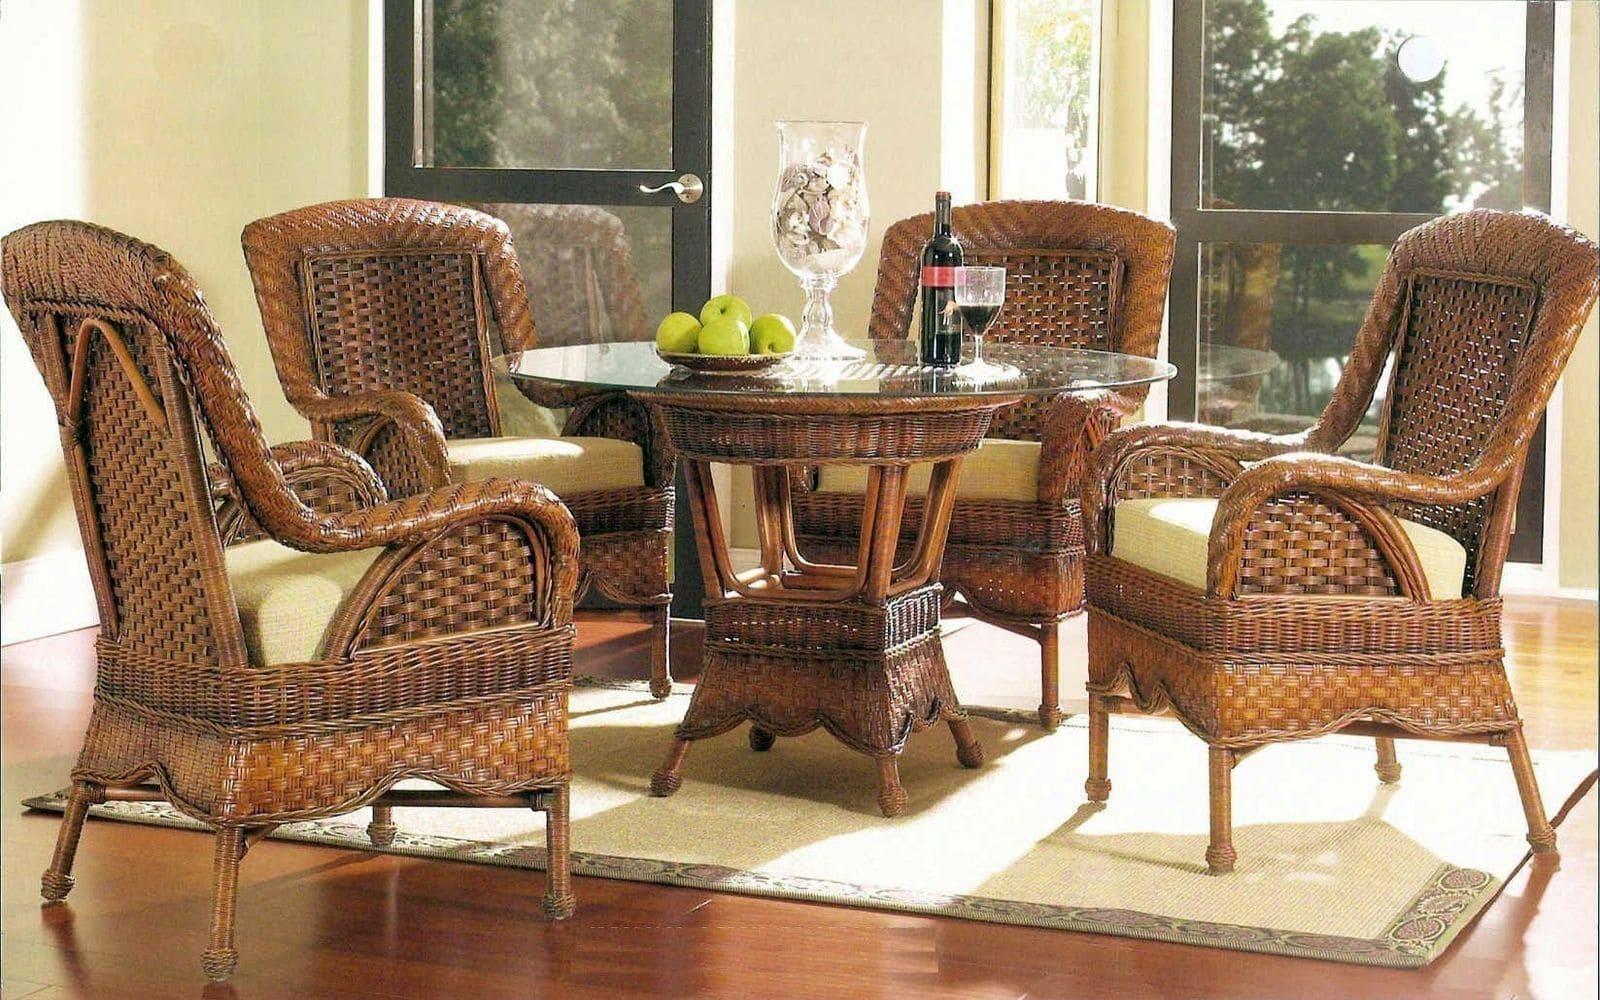 плетеная мебель ротанг, ротанговая мебель в интерьере